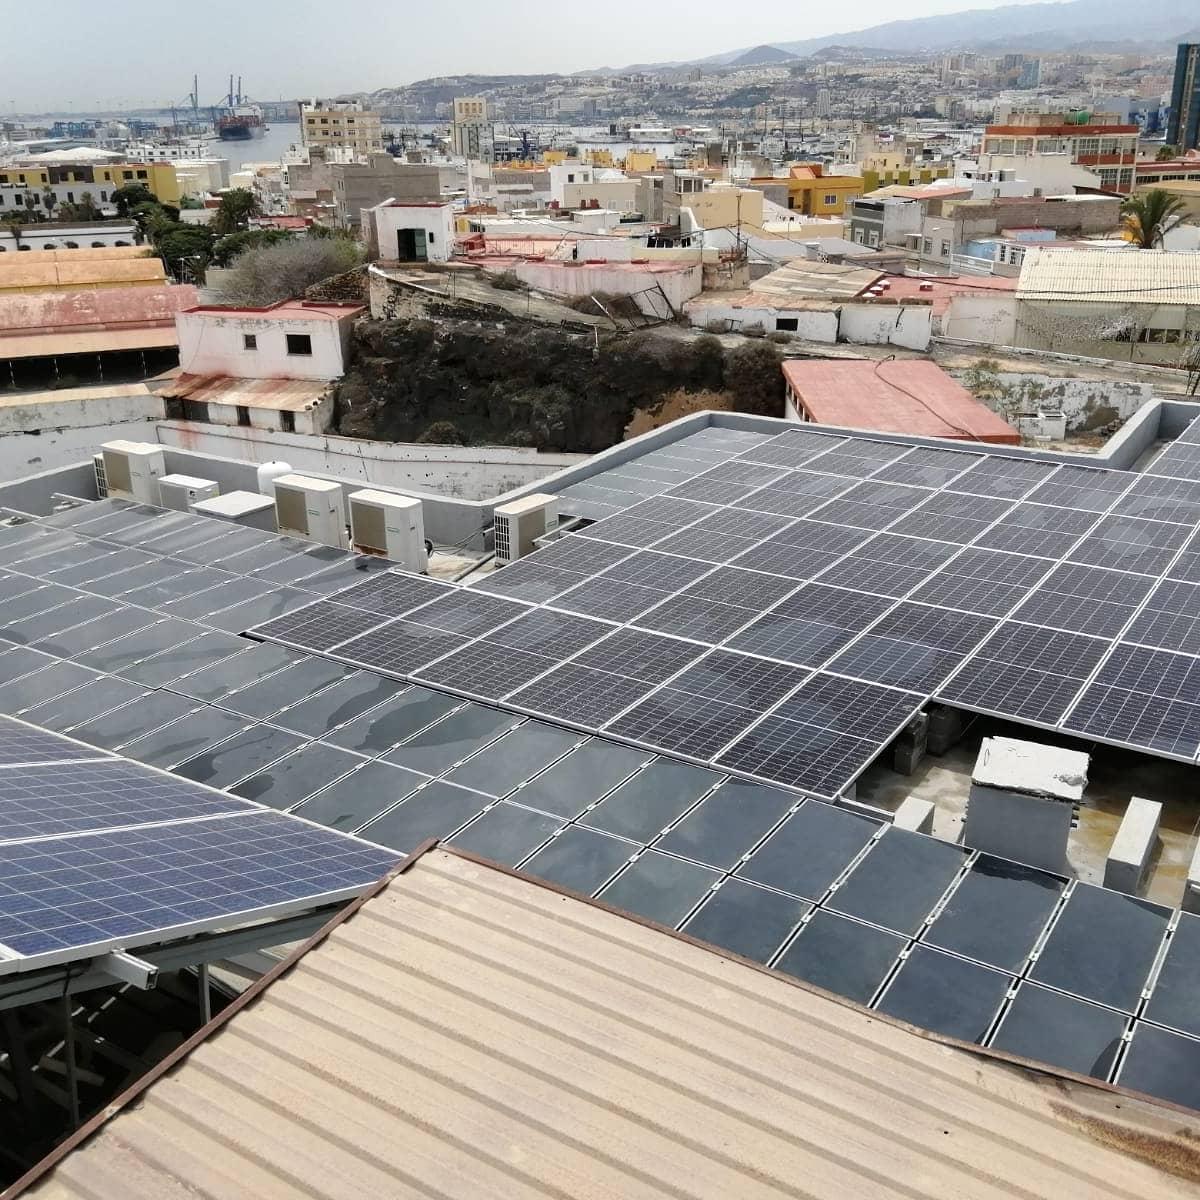 Instalación fotovoltaica 40kw - El Sebadal